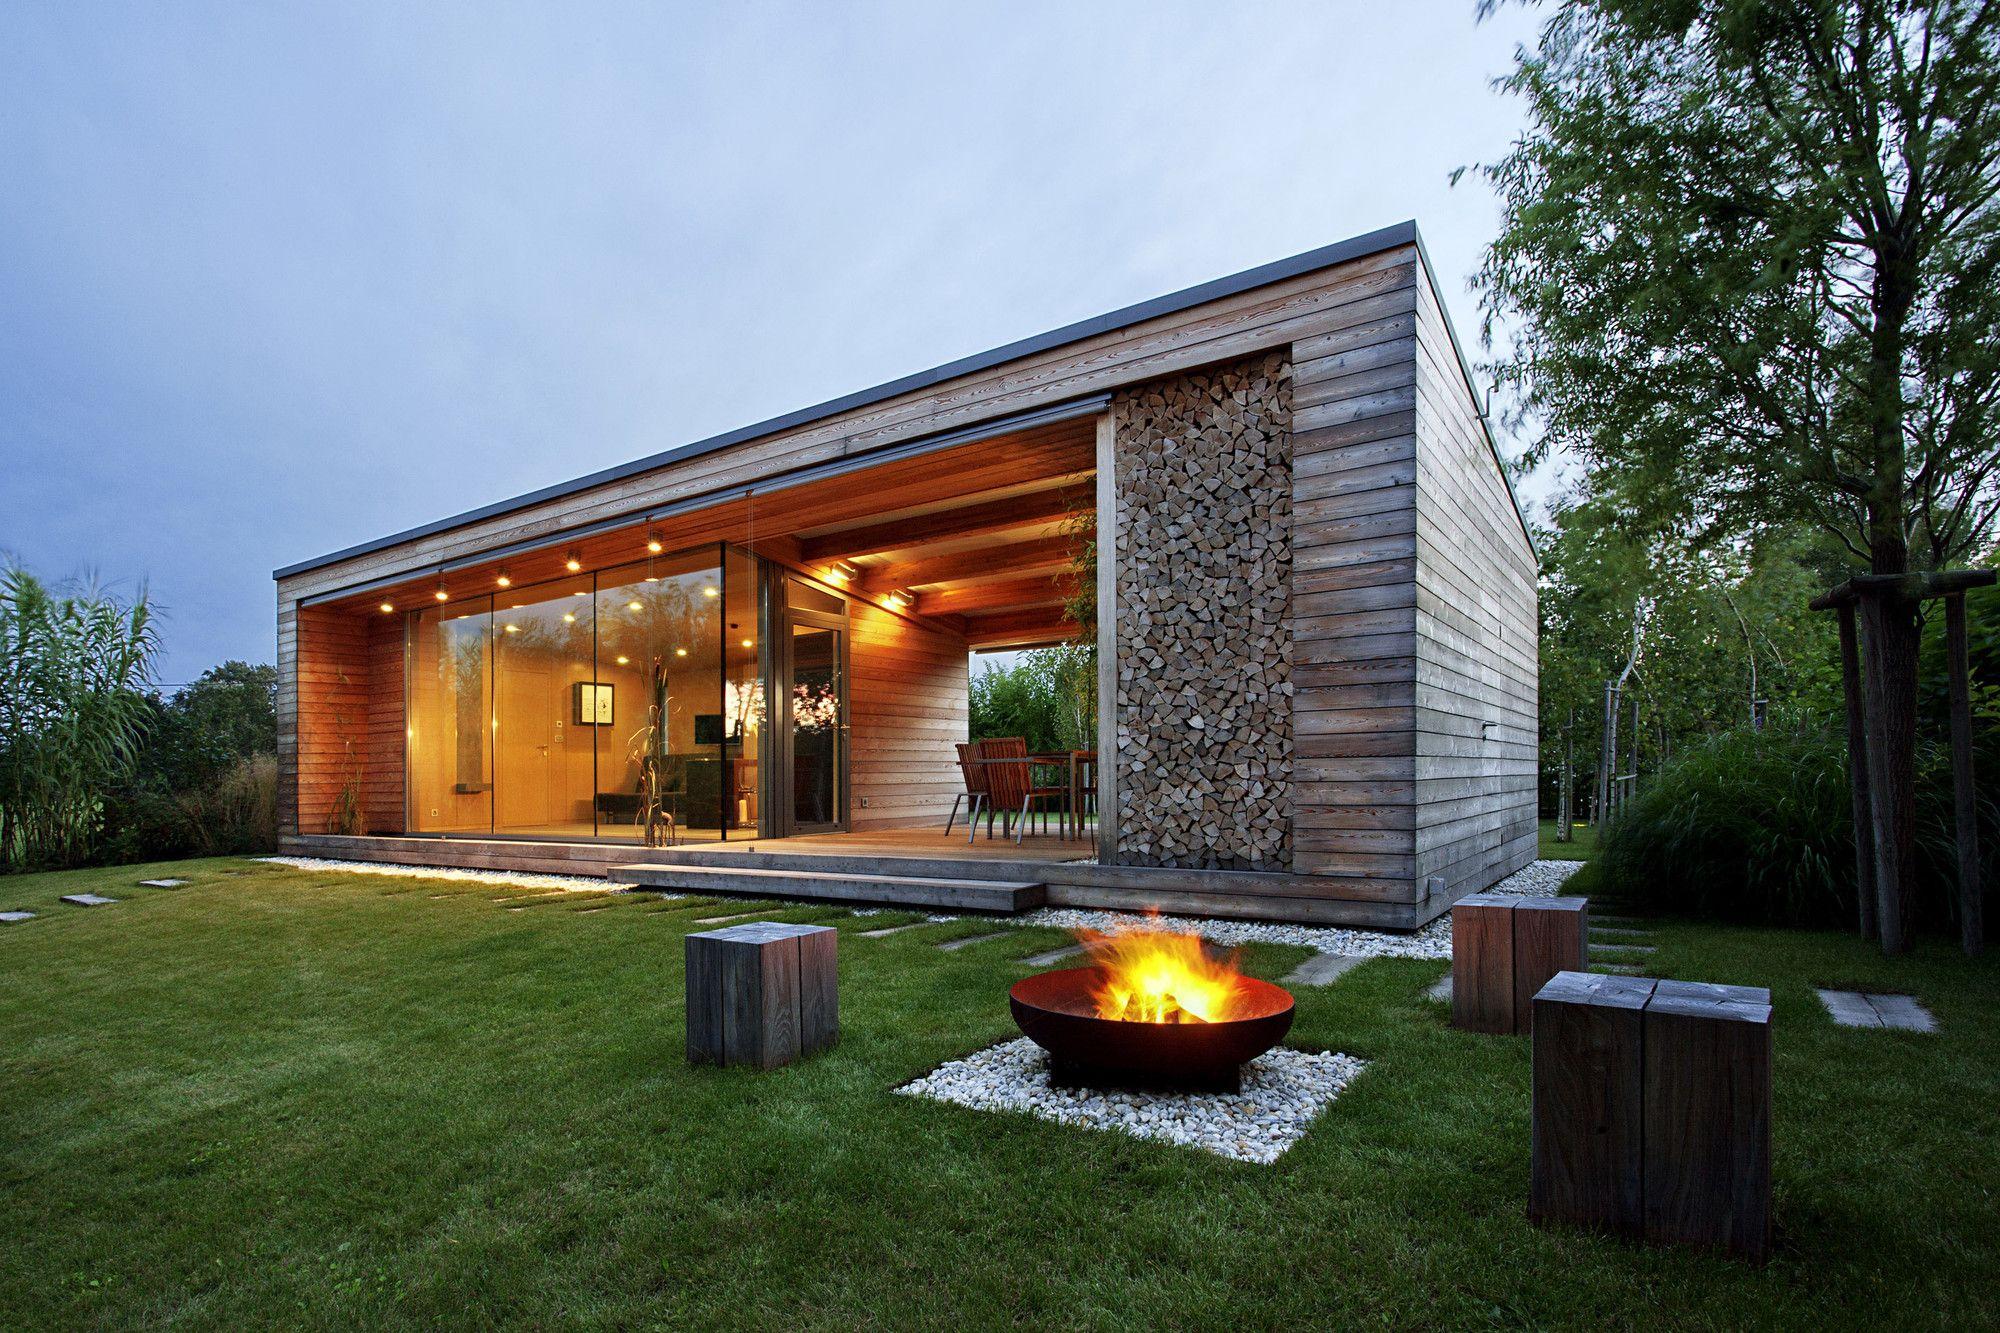 Galería - Cabaña de Vacaciones / Tóth Project Architect Office - 1